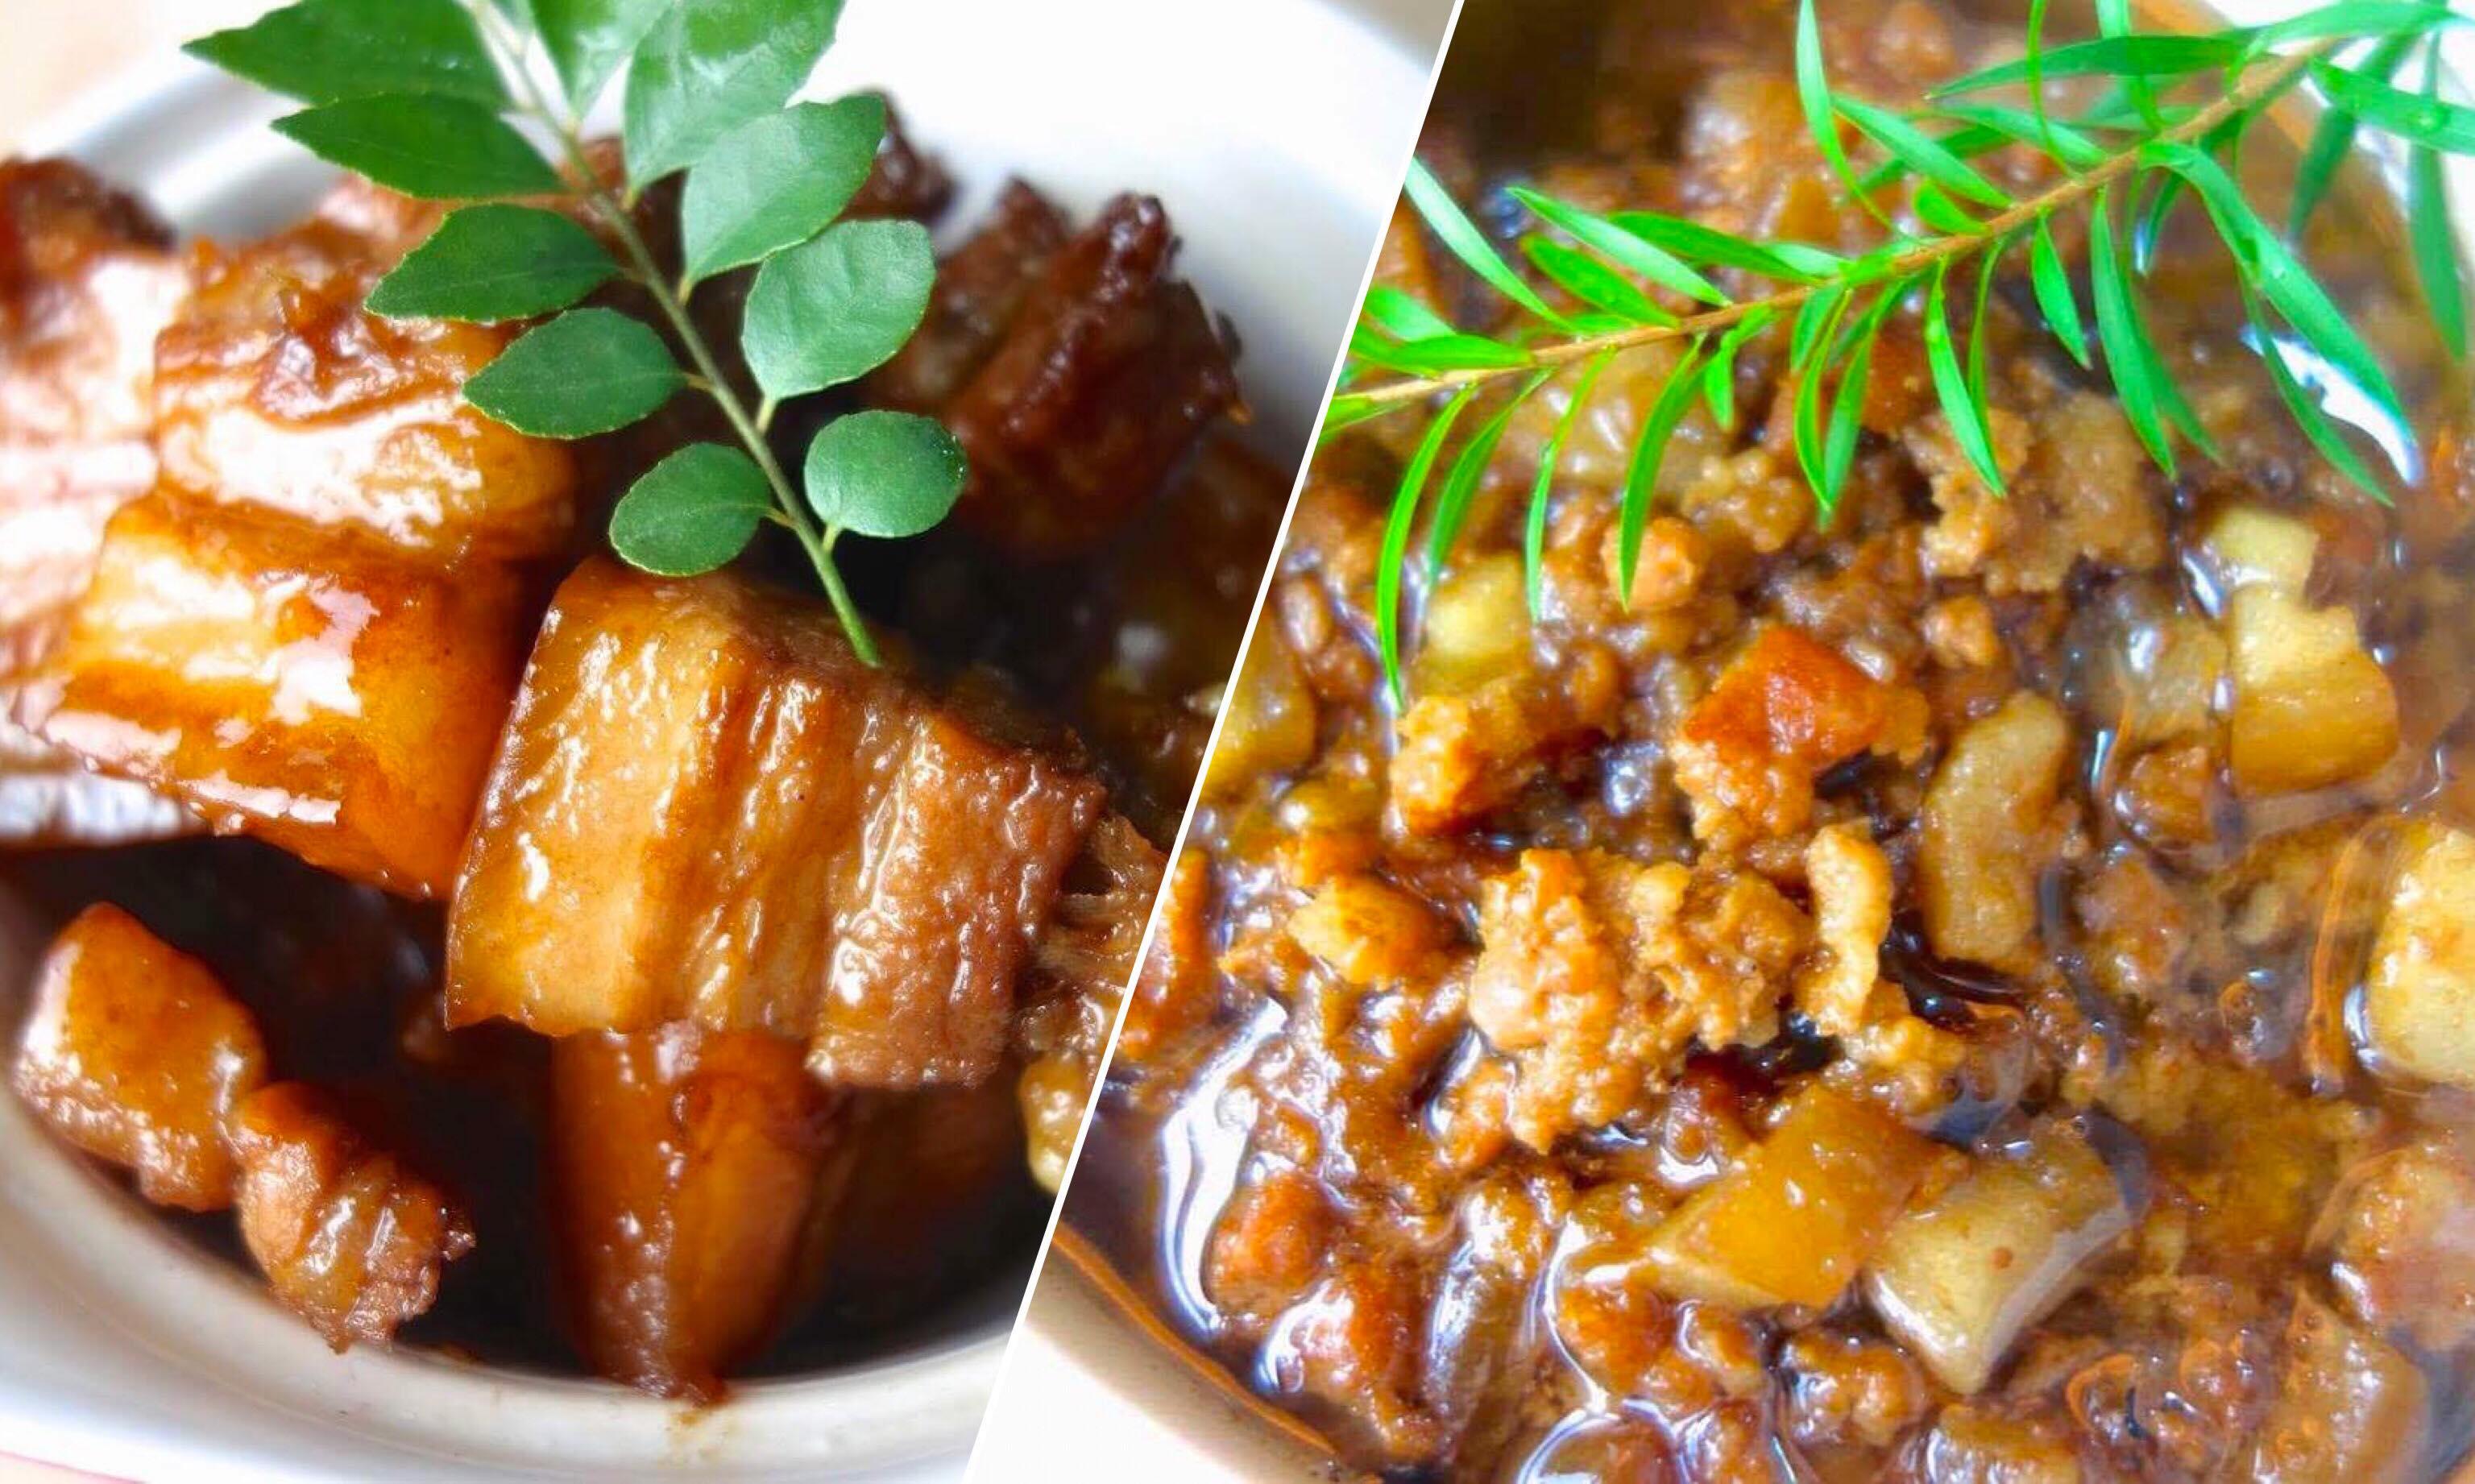 「滷一鍋入口即化的滷肉/肉燥」一鍋多吃的料理,教你滷出軟嫩又有膠質的滷肉!